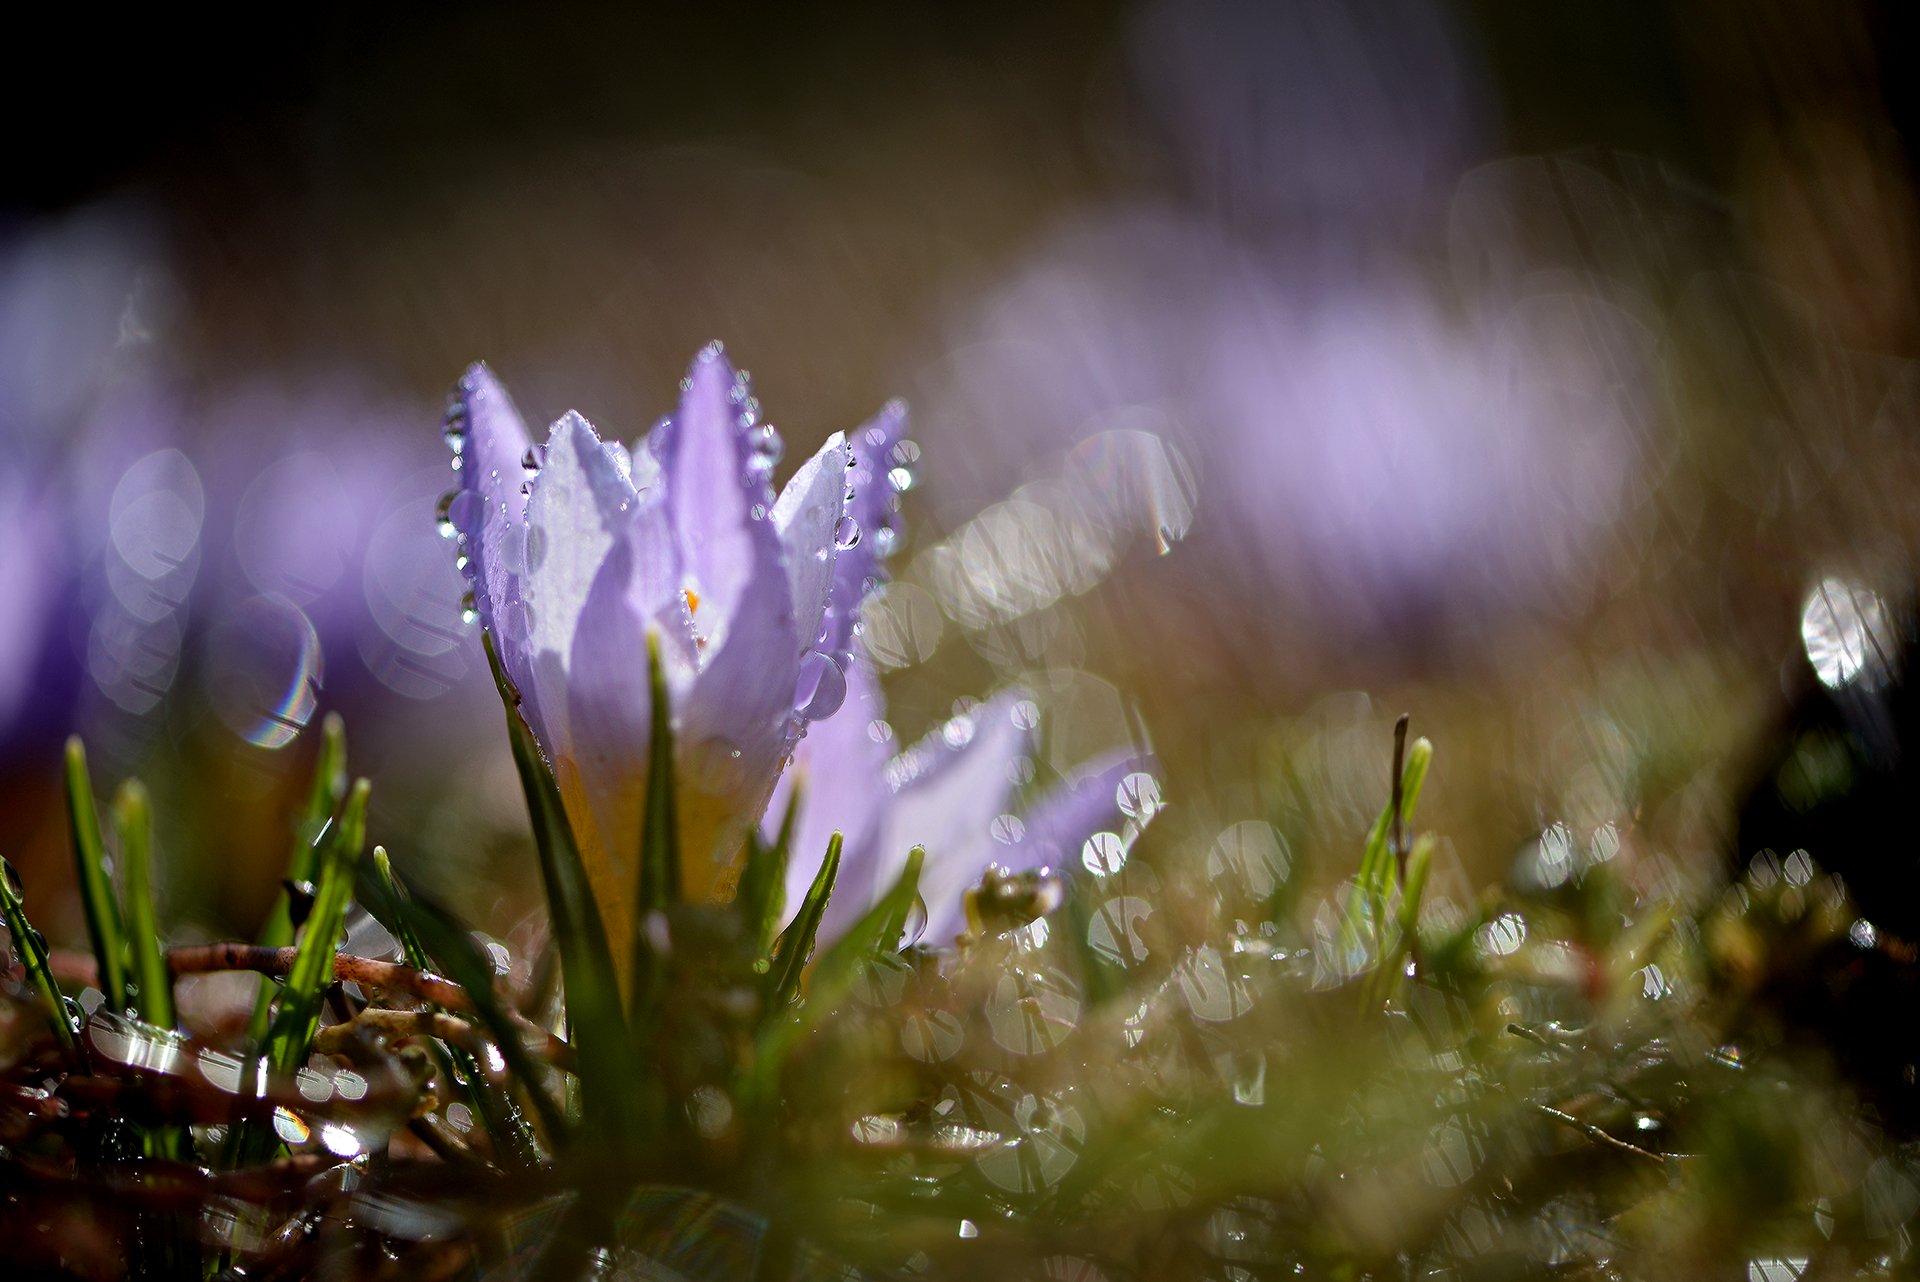 природа, макро, весна, цветы, крокус, капли дождя, боке, Неля Рачкова